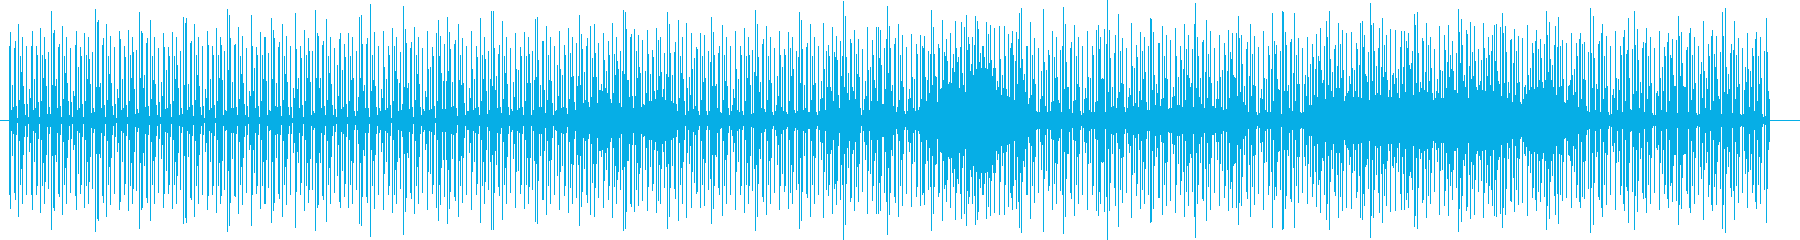 リズミカルなテクノポップの再生済みの波形